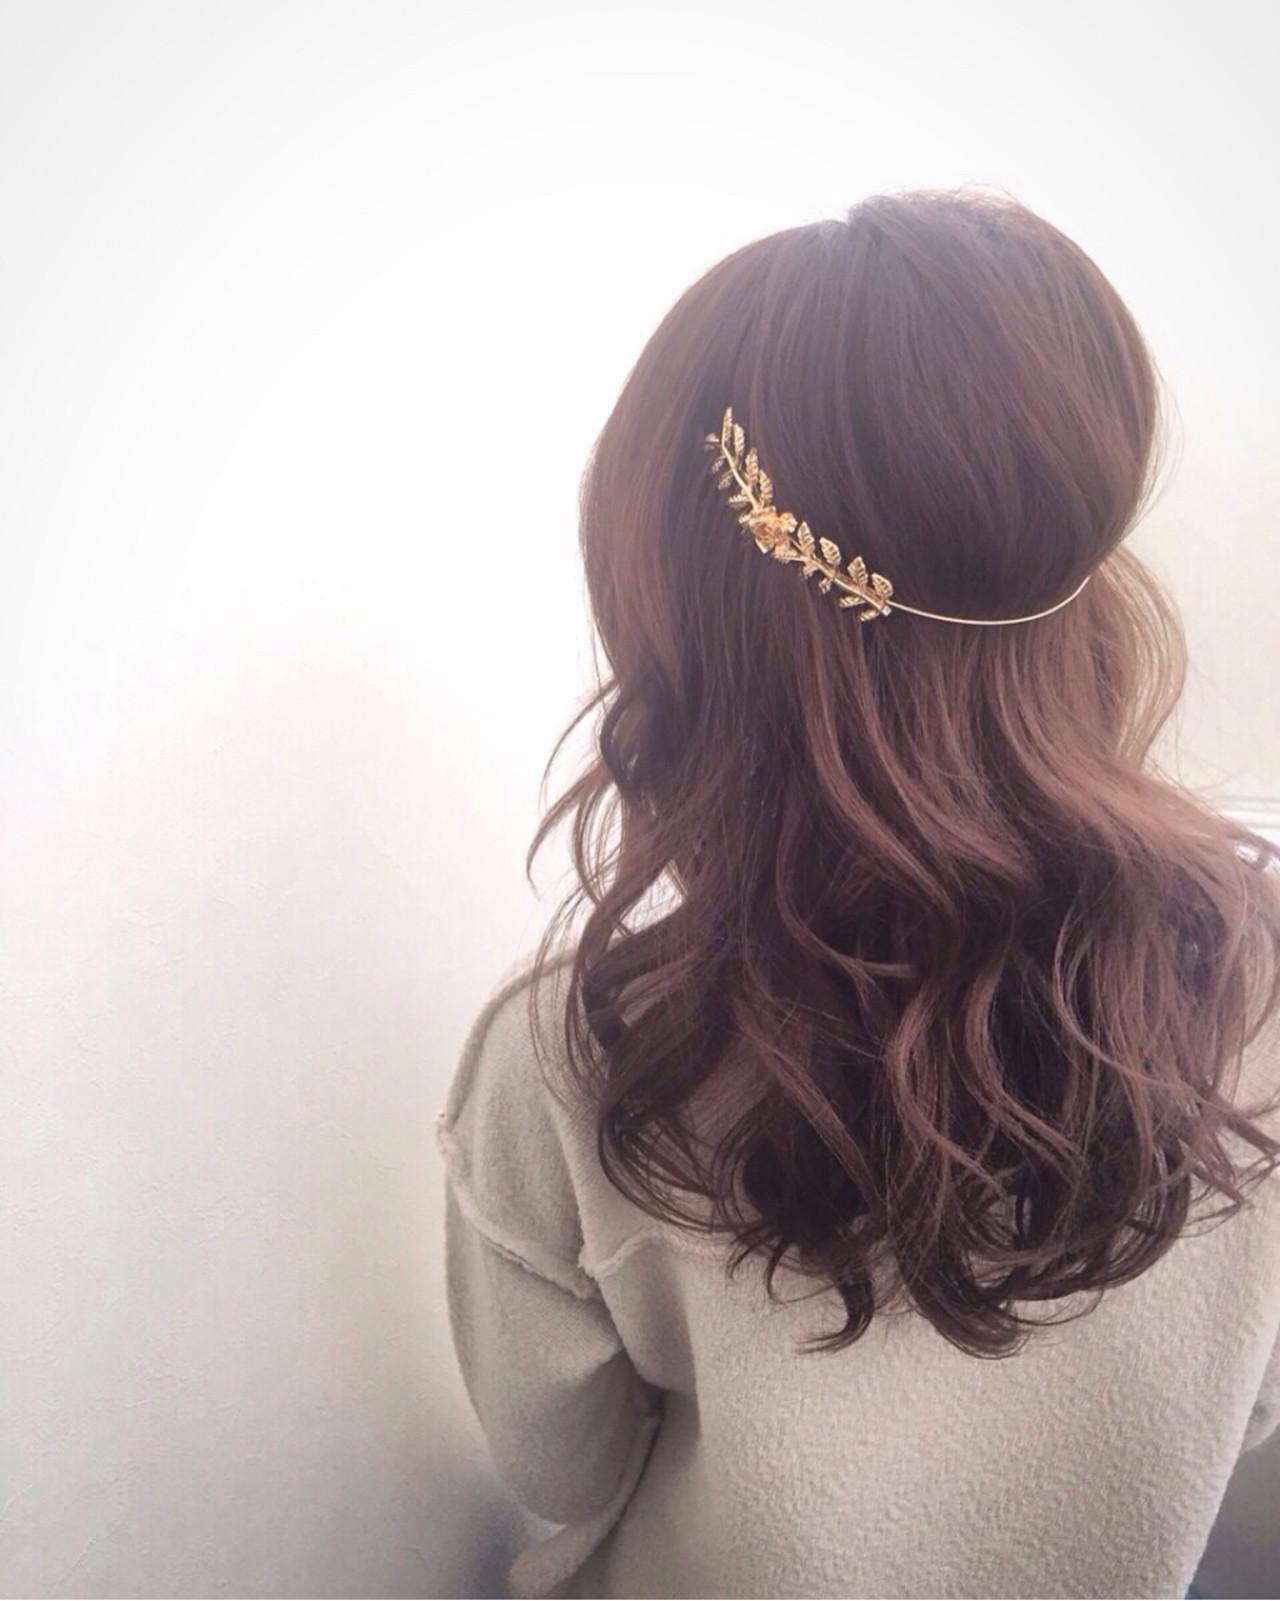 """うしろ姿にドキッ♡おしゃれなヘアアクセなら""""バックカチューシャ""""で決まり ryota kuwamura  函館/hair make Full throttle/ フルスロットル"""